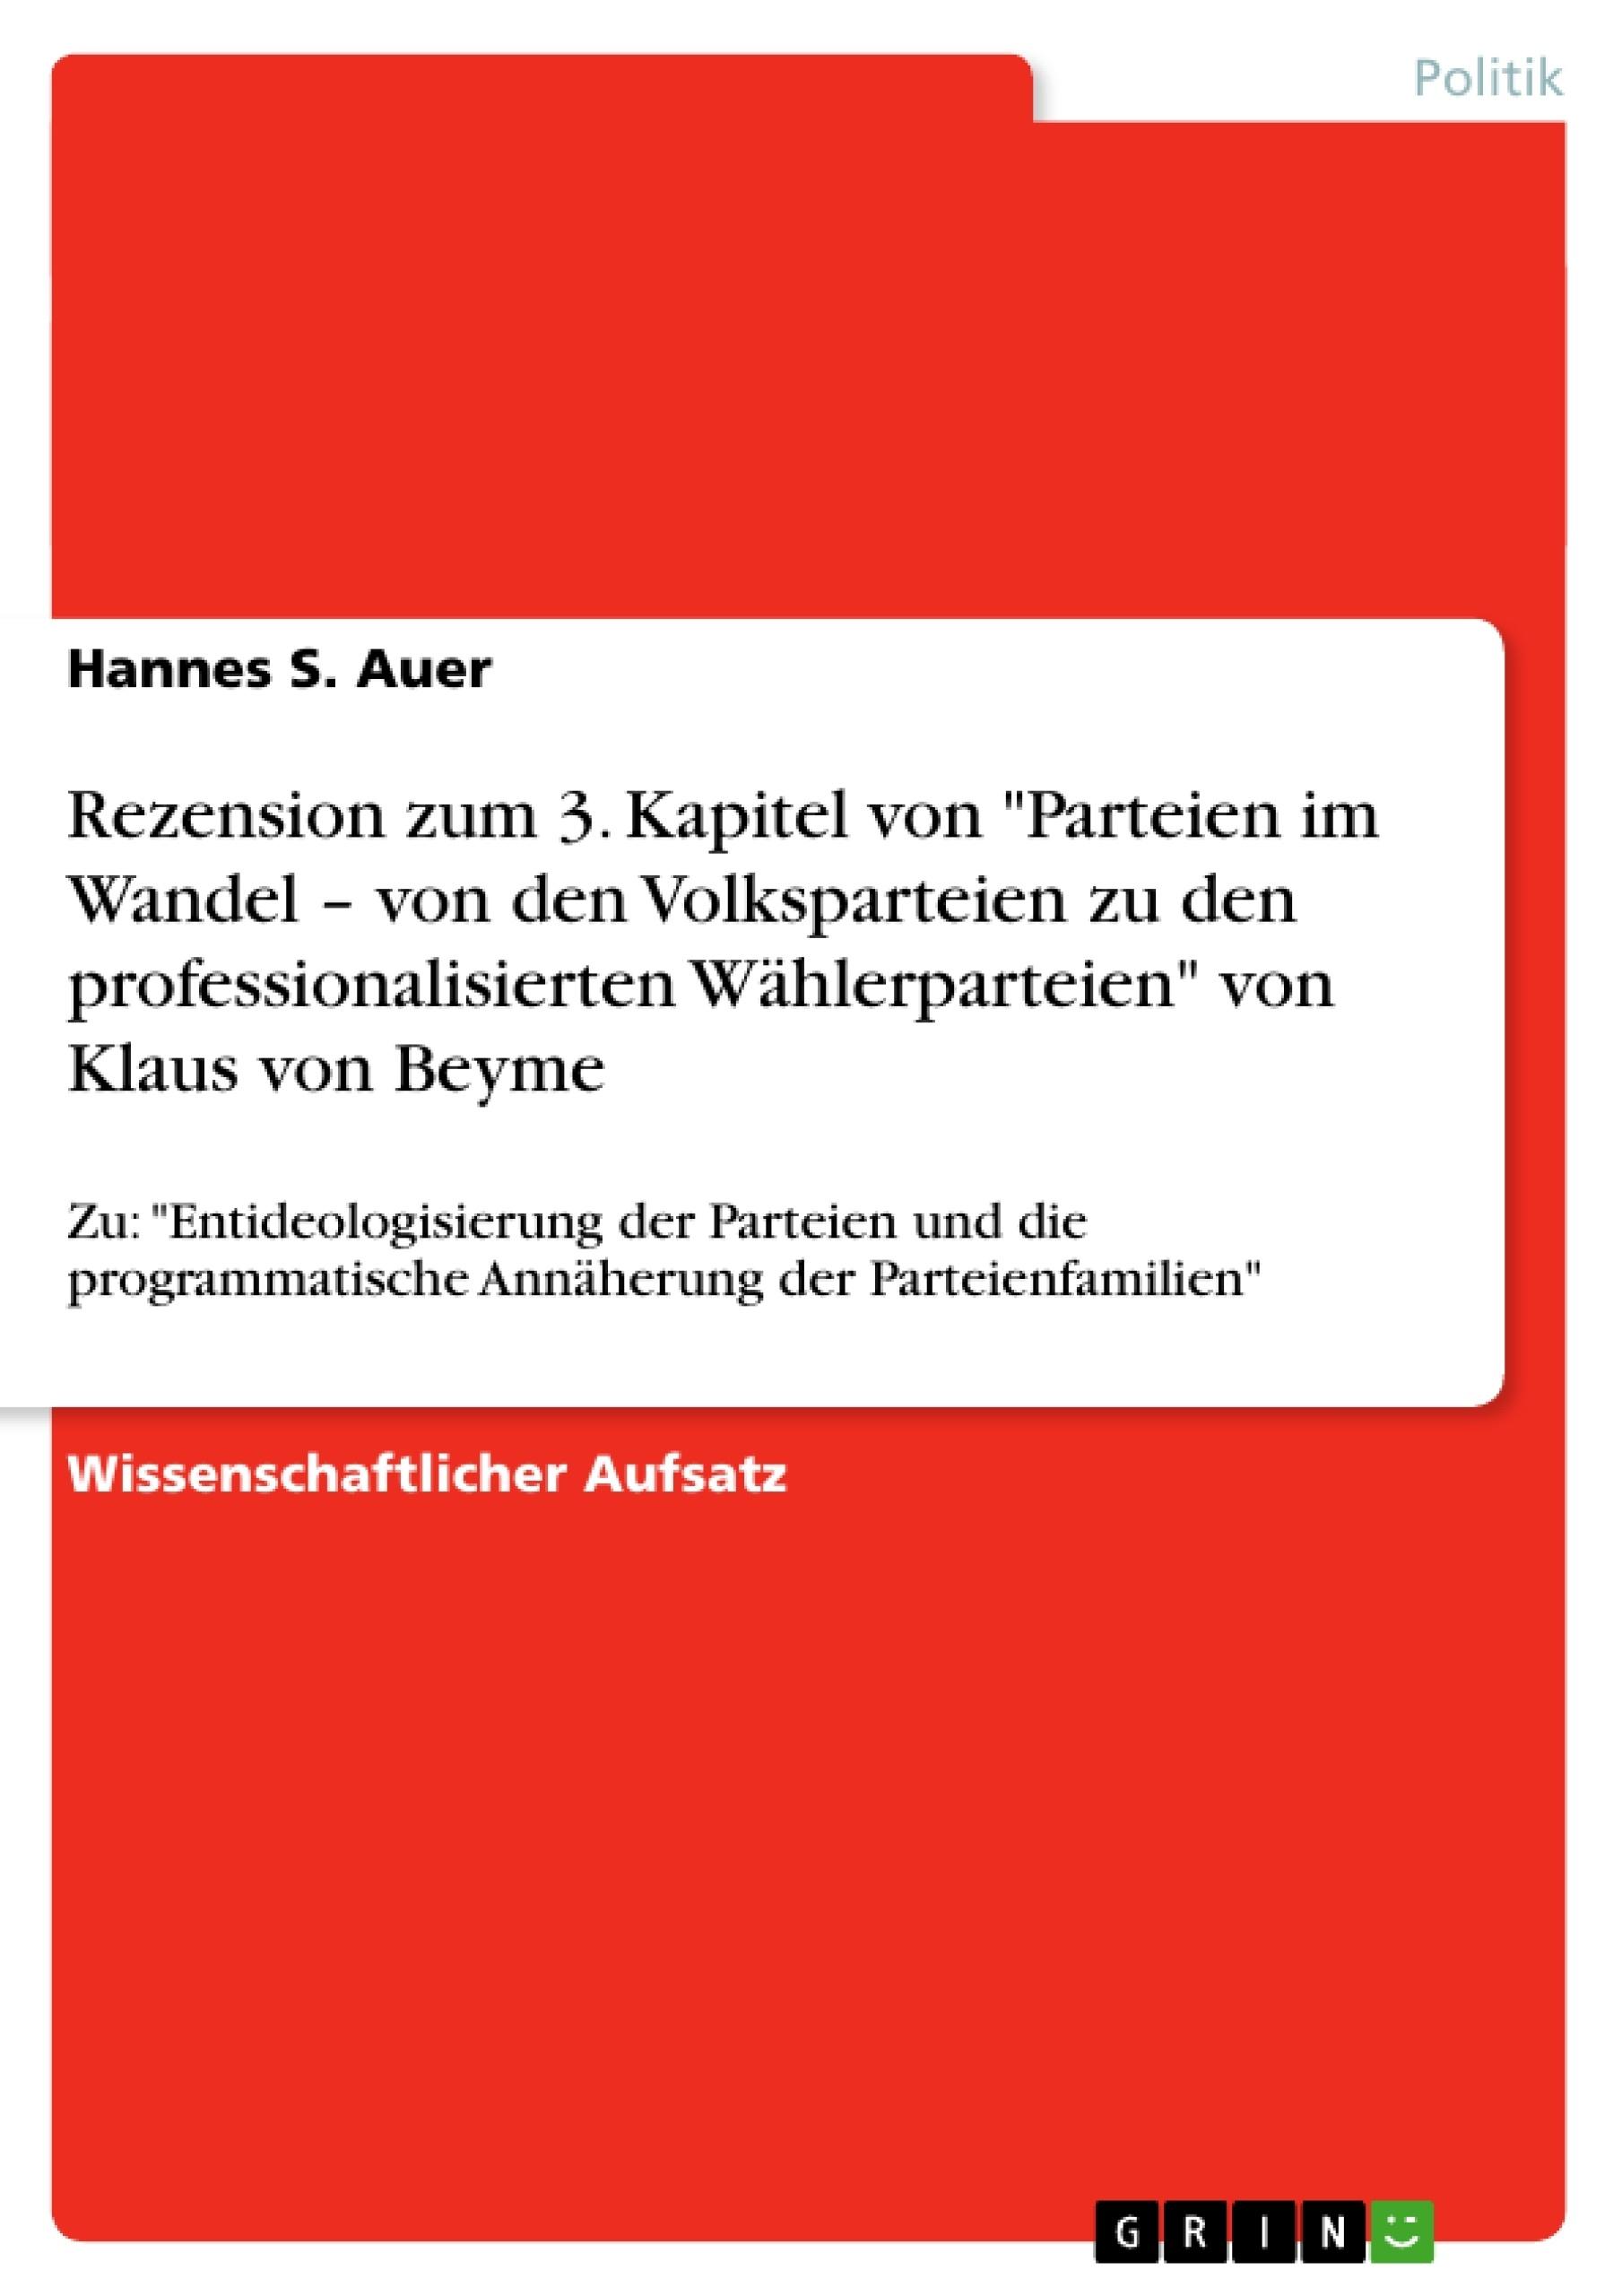 """Titel: Rezension zum 3. Kapitel von """"Parteien im Wandel – von den Volksparteien zu den professionalisierten Wählerparteien"""" von Klaus von Beyme"""